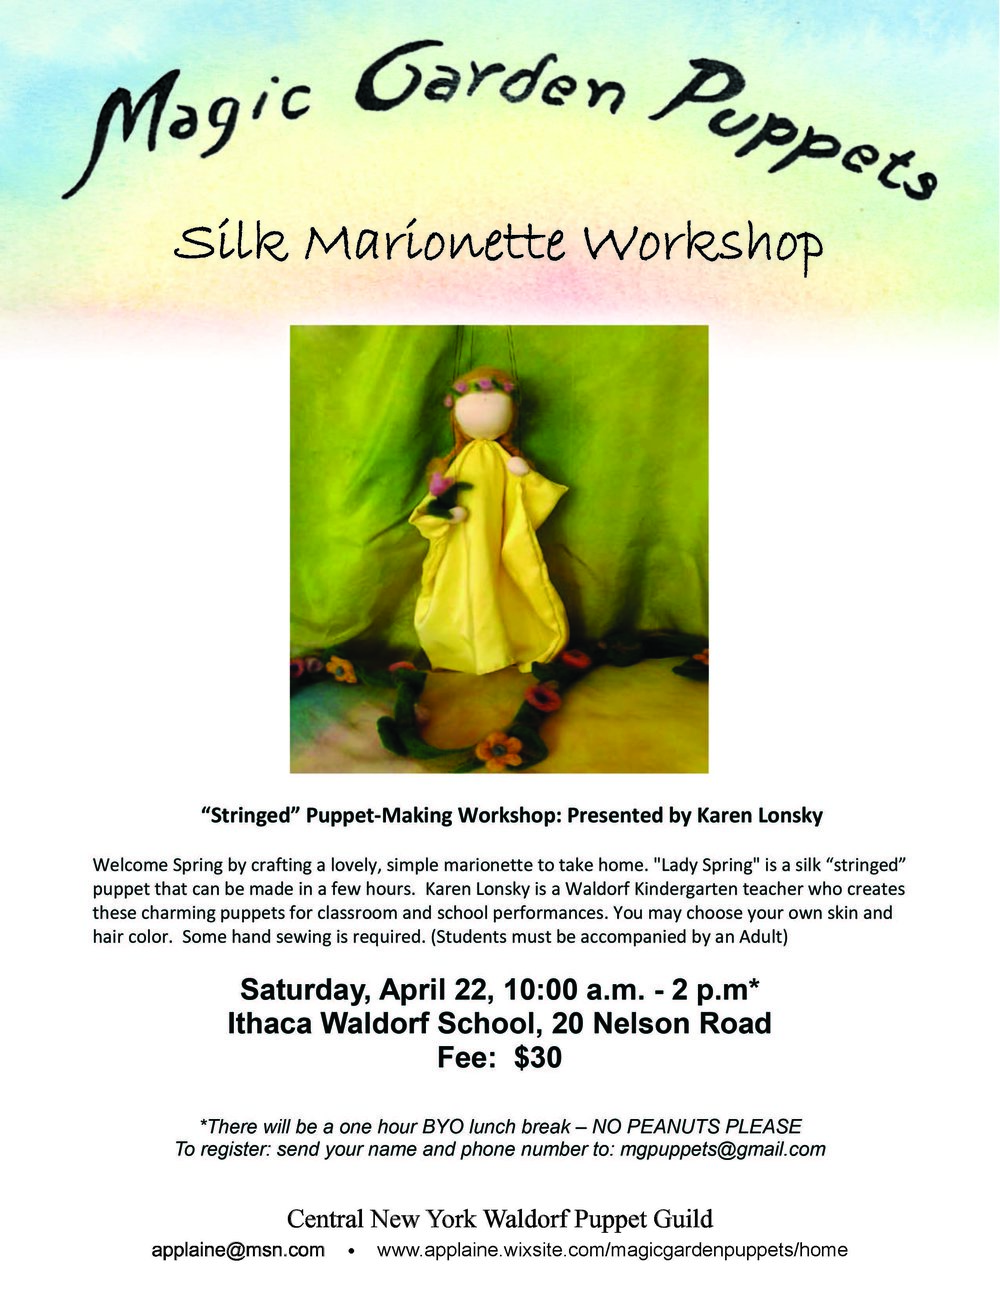 magic garden puppets - silk marionette workshop (1).jpg